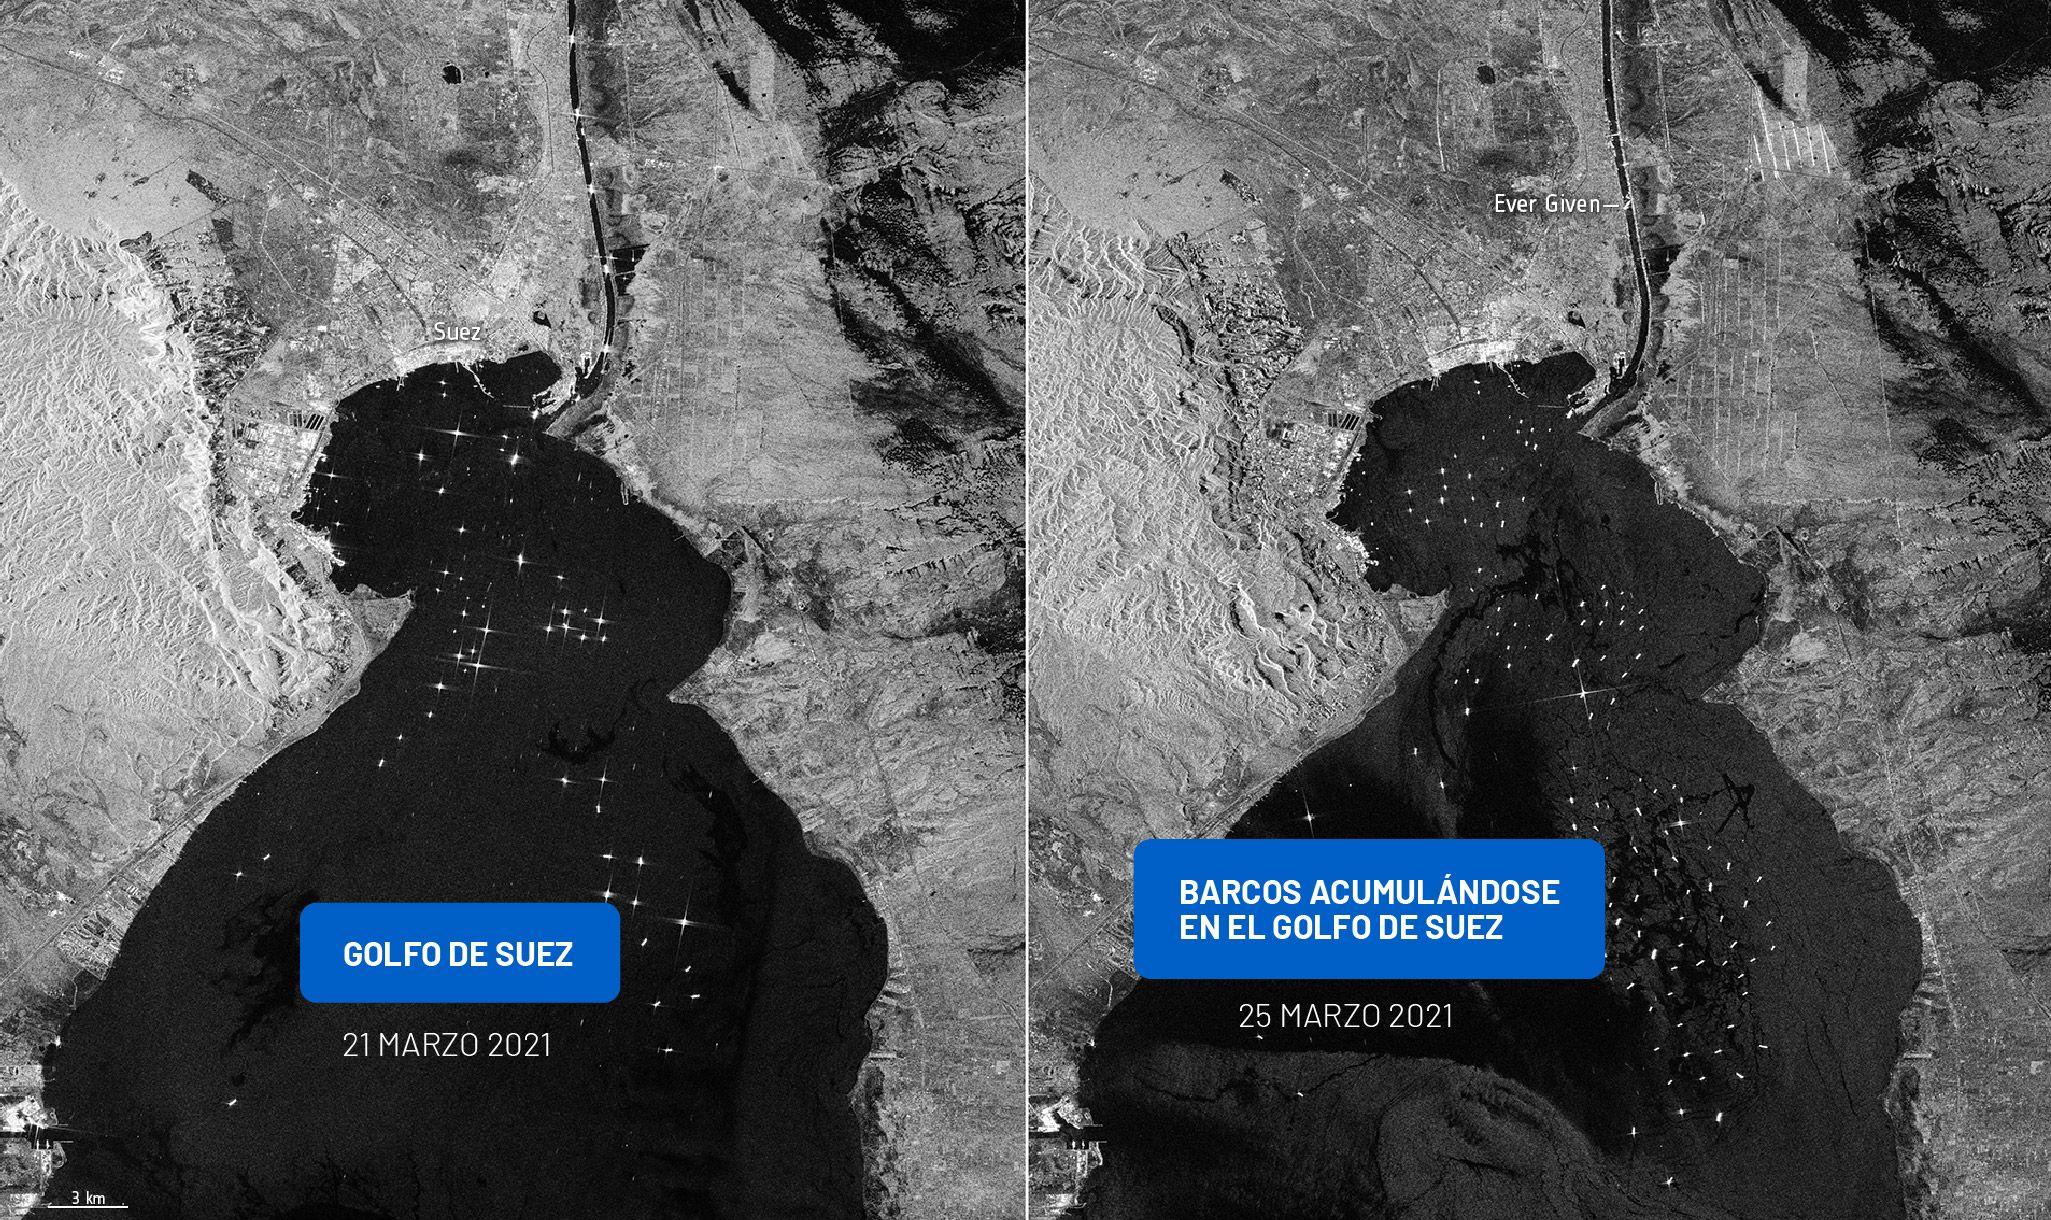 EL bloqueo del Canal de Suez duró seis días y ha afectado a más de 200 embarcaciones. (ESA)